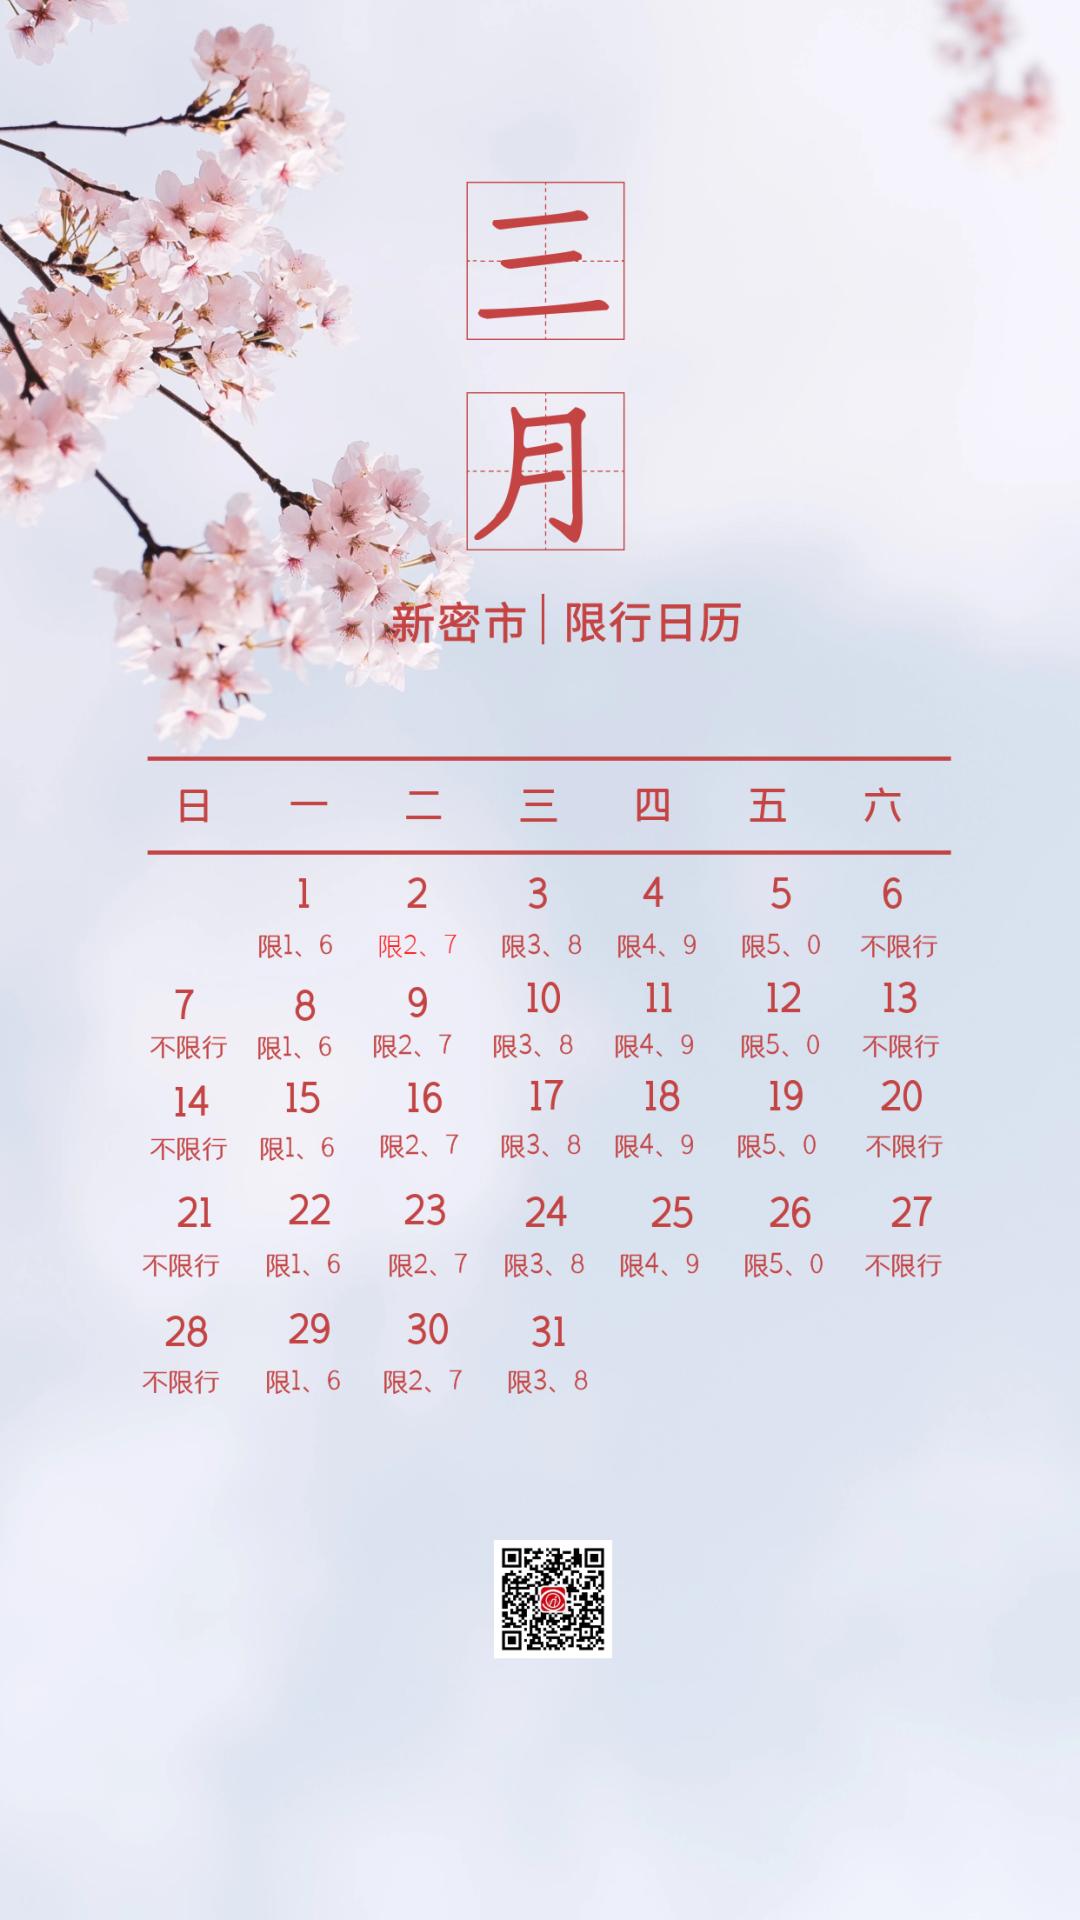 【交通】新密3月如何限行呢?最新的限行日历来了~